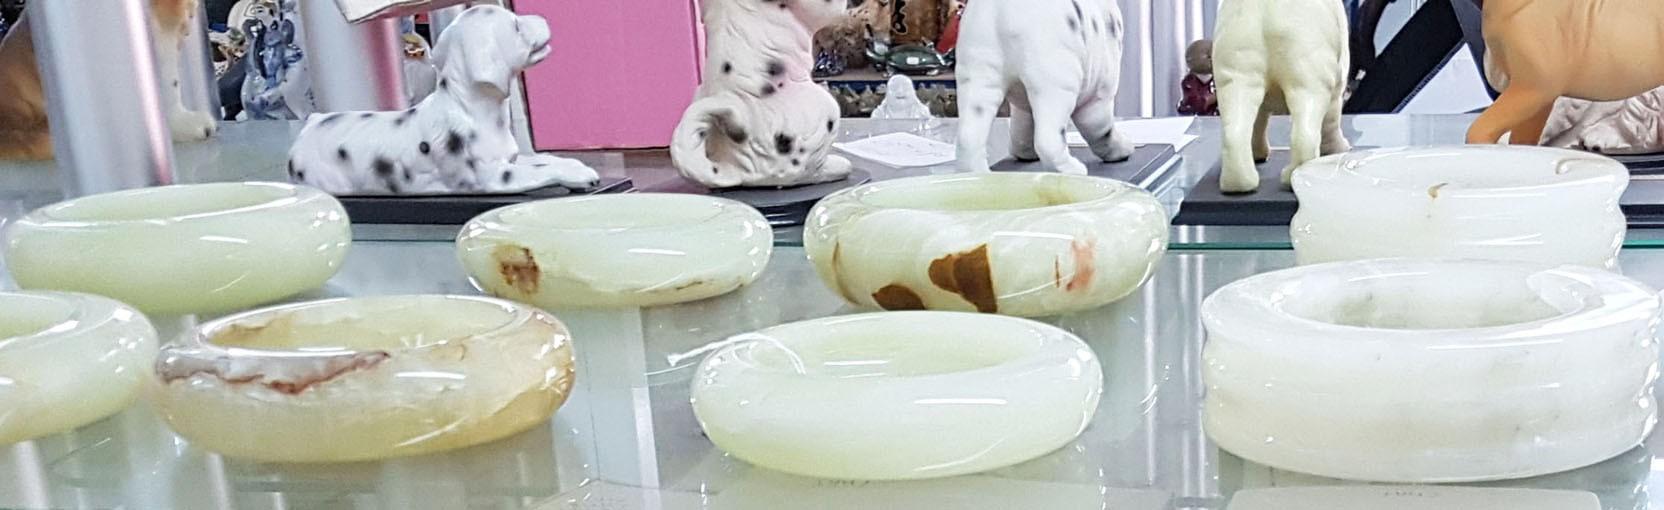 Pour une décoration luxueuse, choisissez nos cendriers et pots en pierre de jade, pierre porte-bonheur. Oriental-Import.com